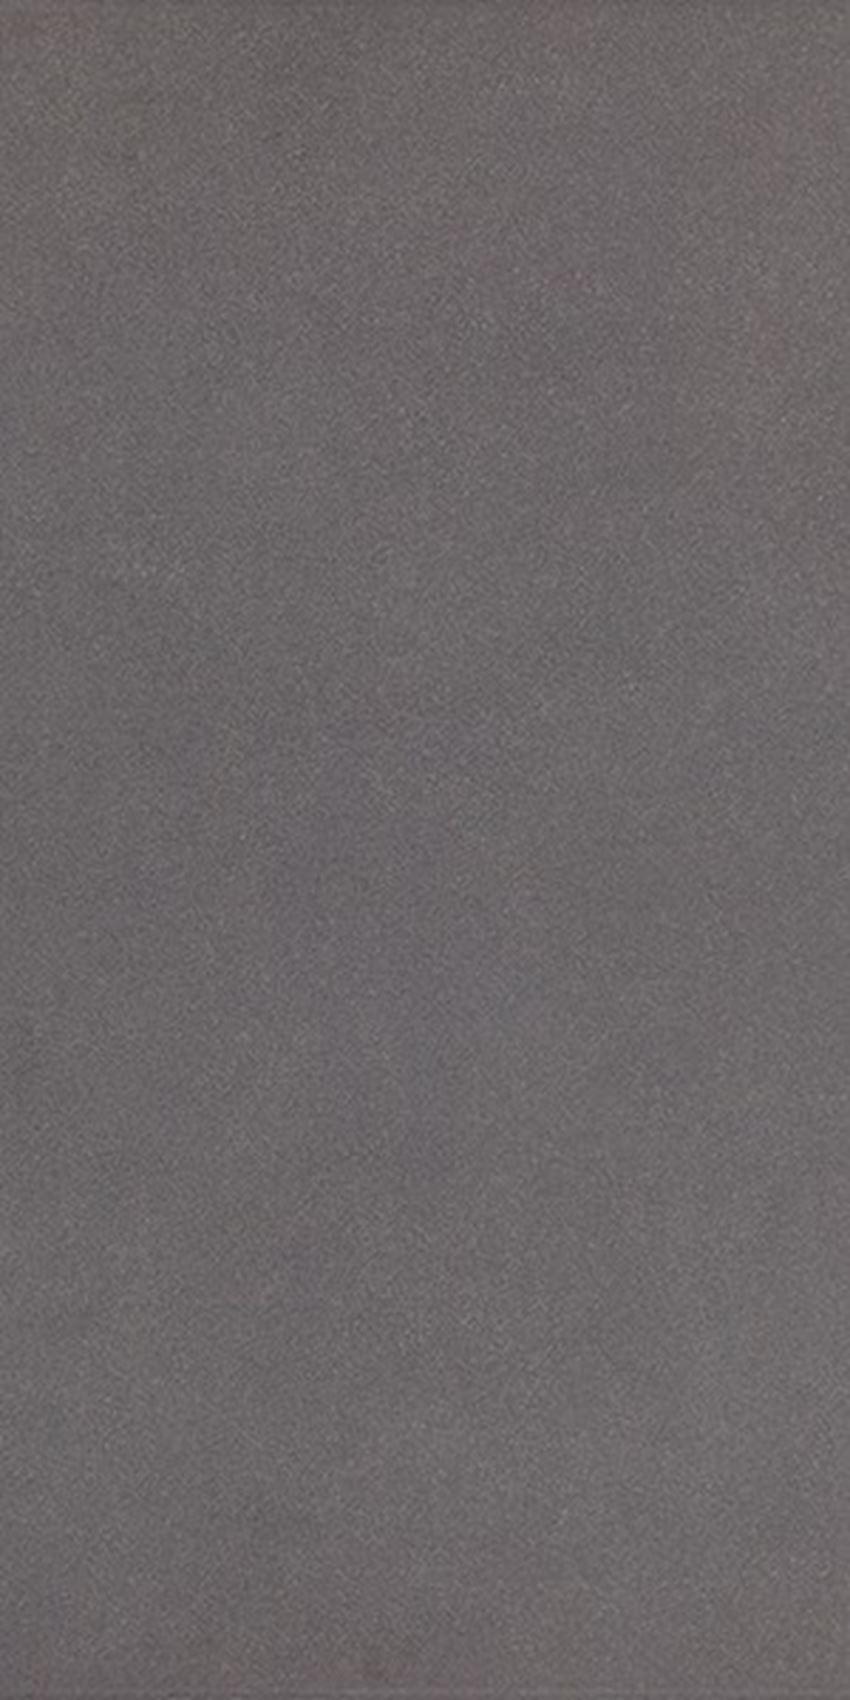 Płytka uniwersalna 29,7x59,7 cm Nowa Gala Monotec MT 12